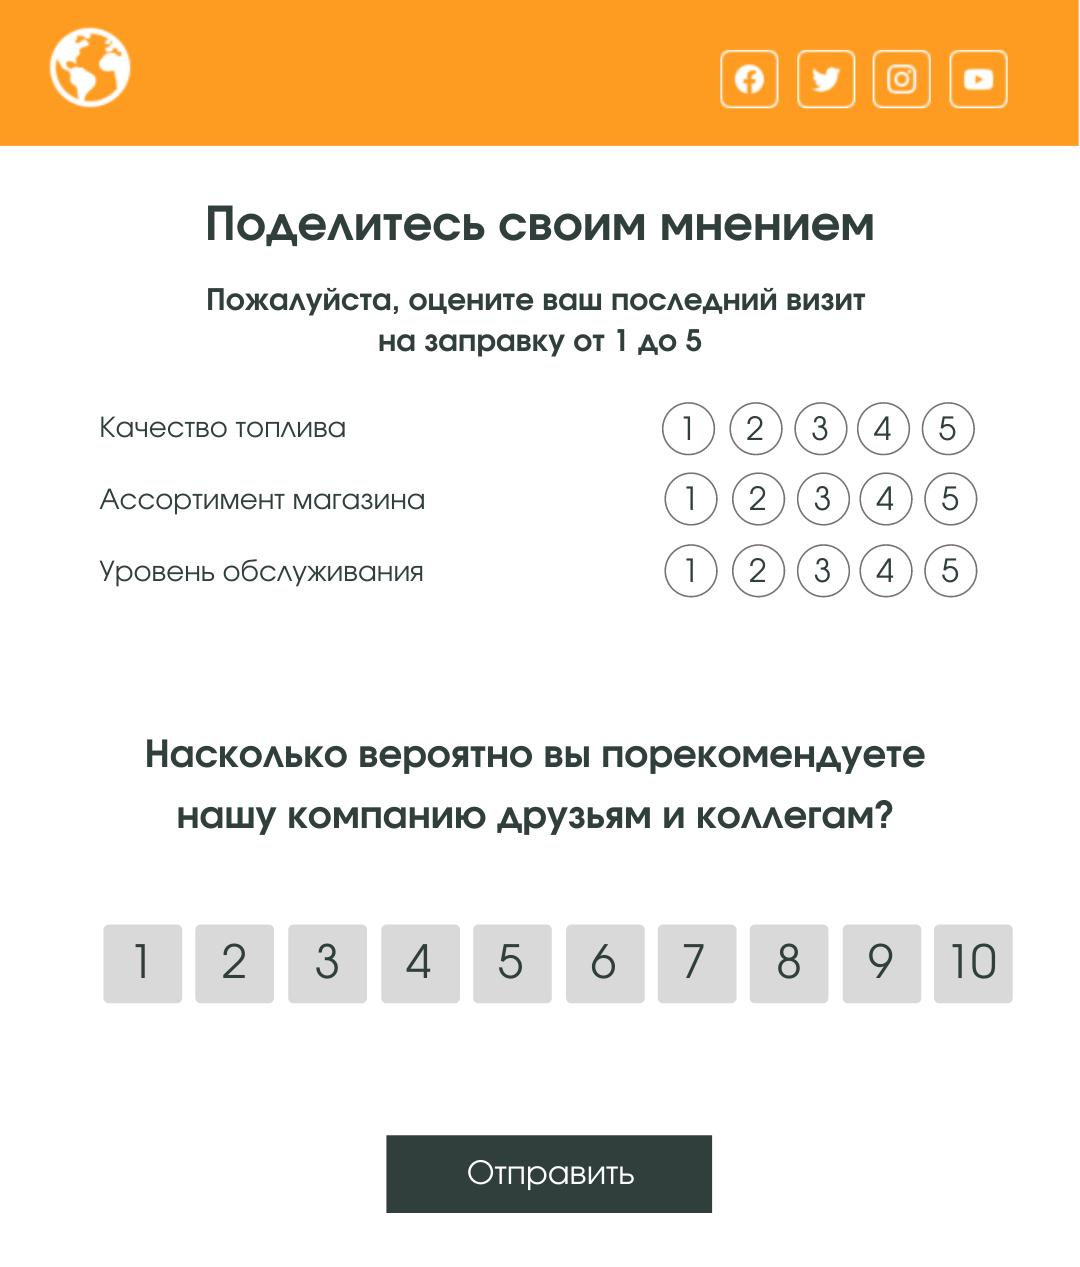 NPS-опрос для неактивных пользователей программы лояльности